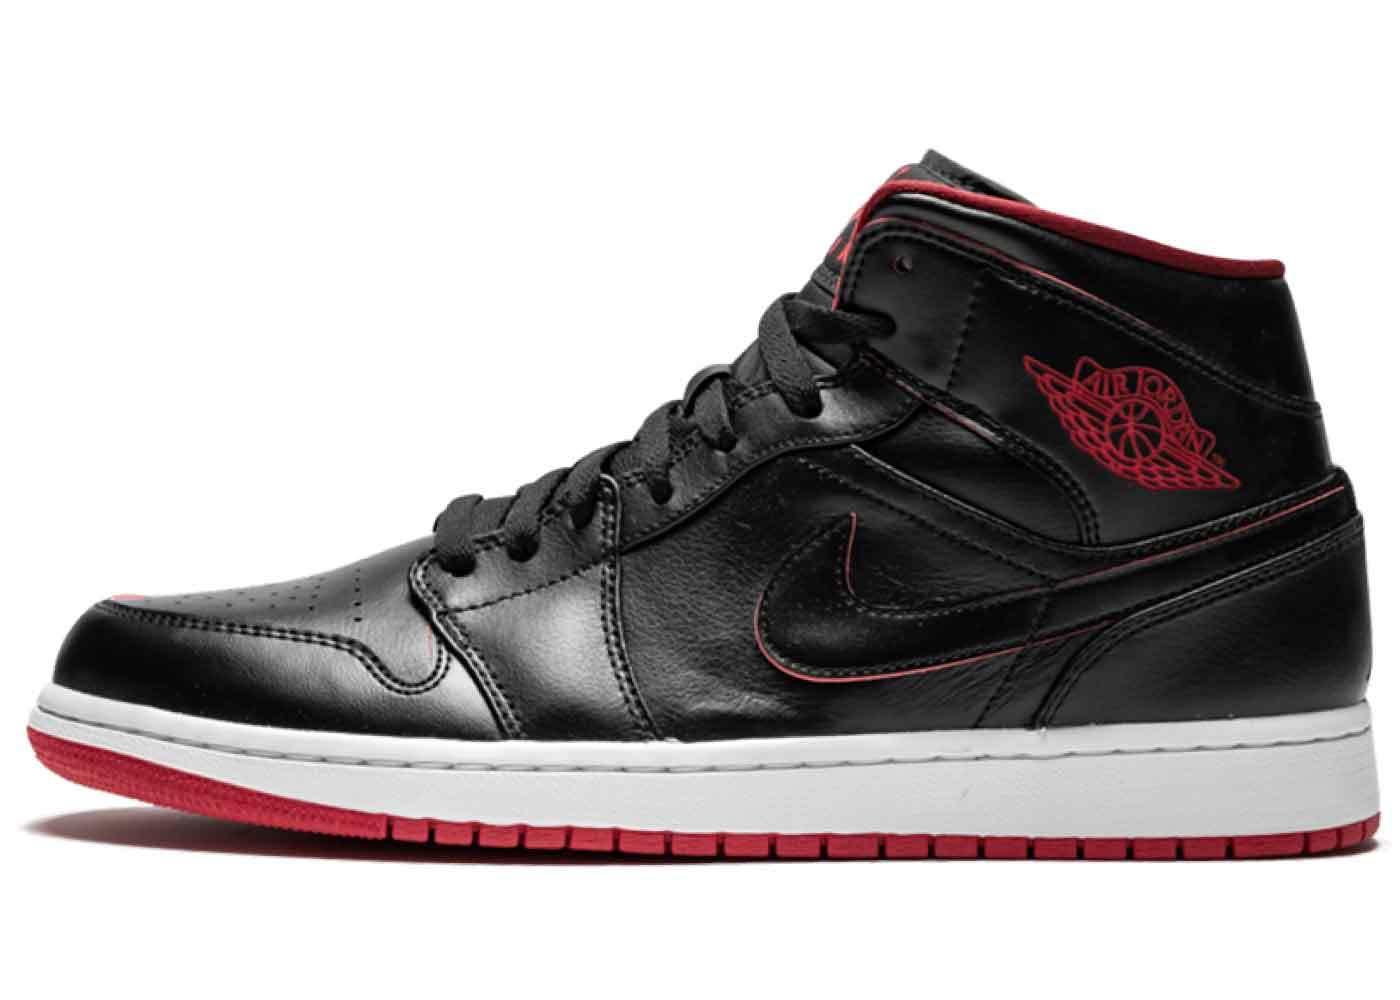 Nike Air Jordan 1 Retro Mid Black Red Whiteの写真